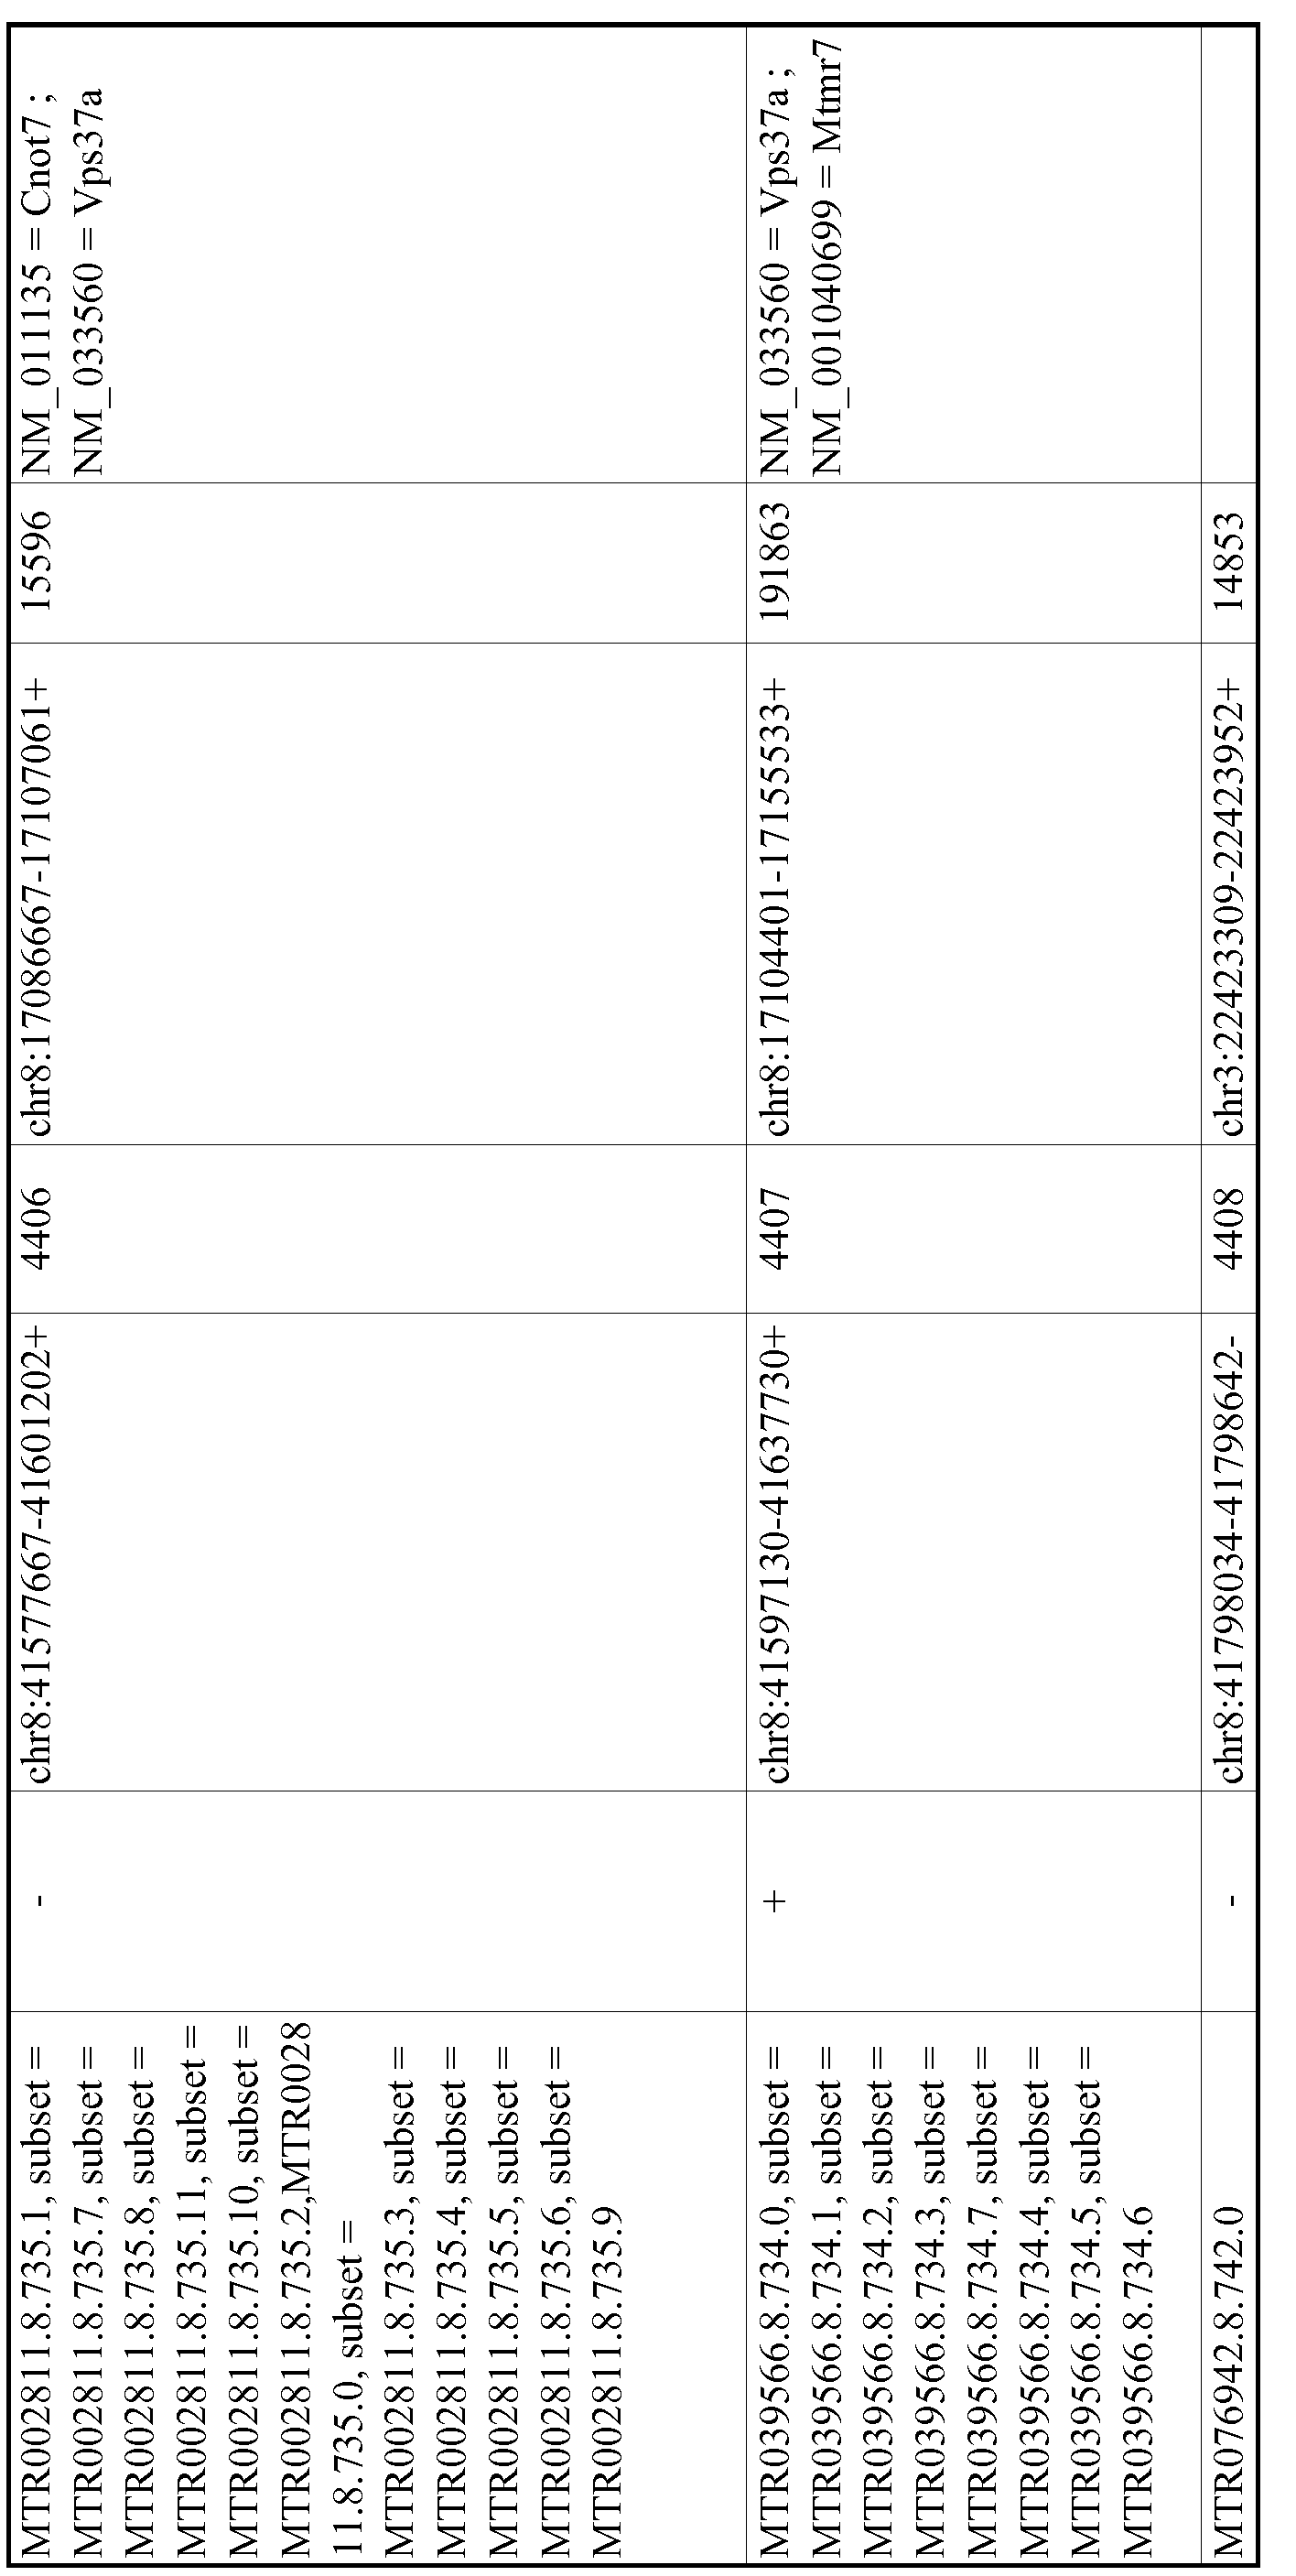 Figure imgf000822_0001